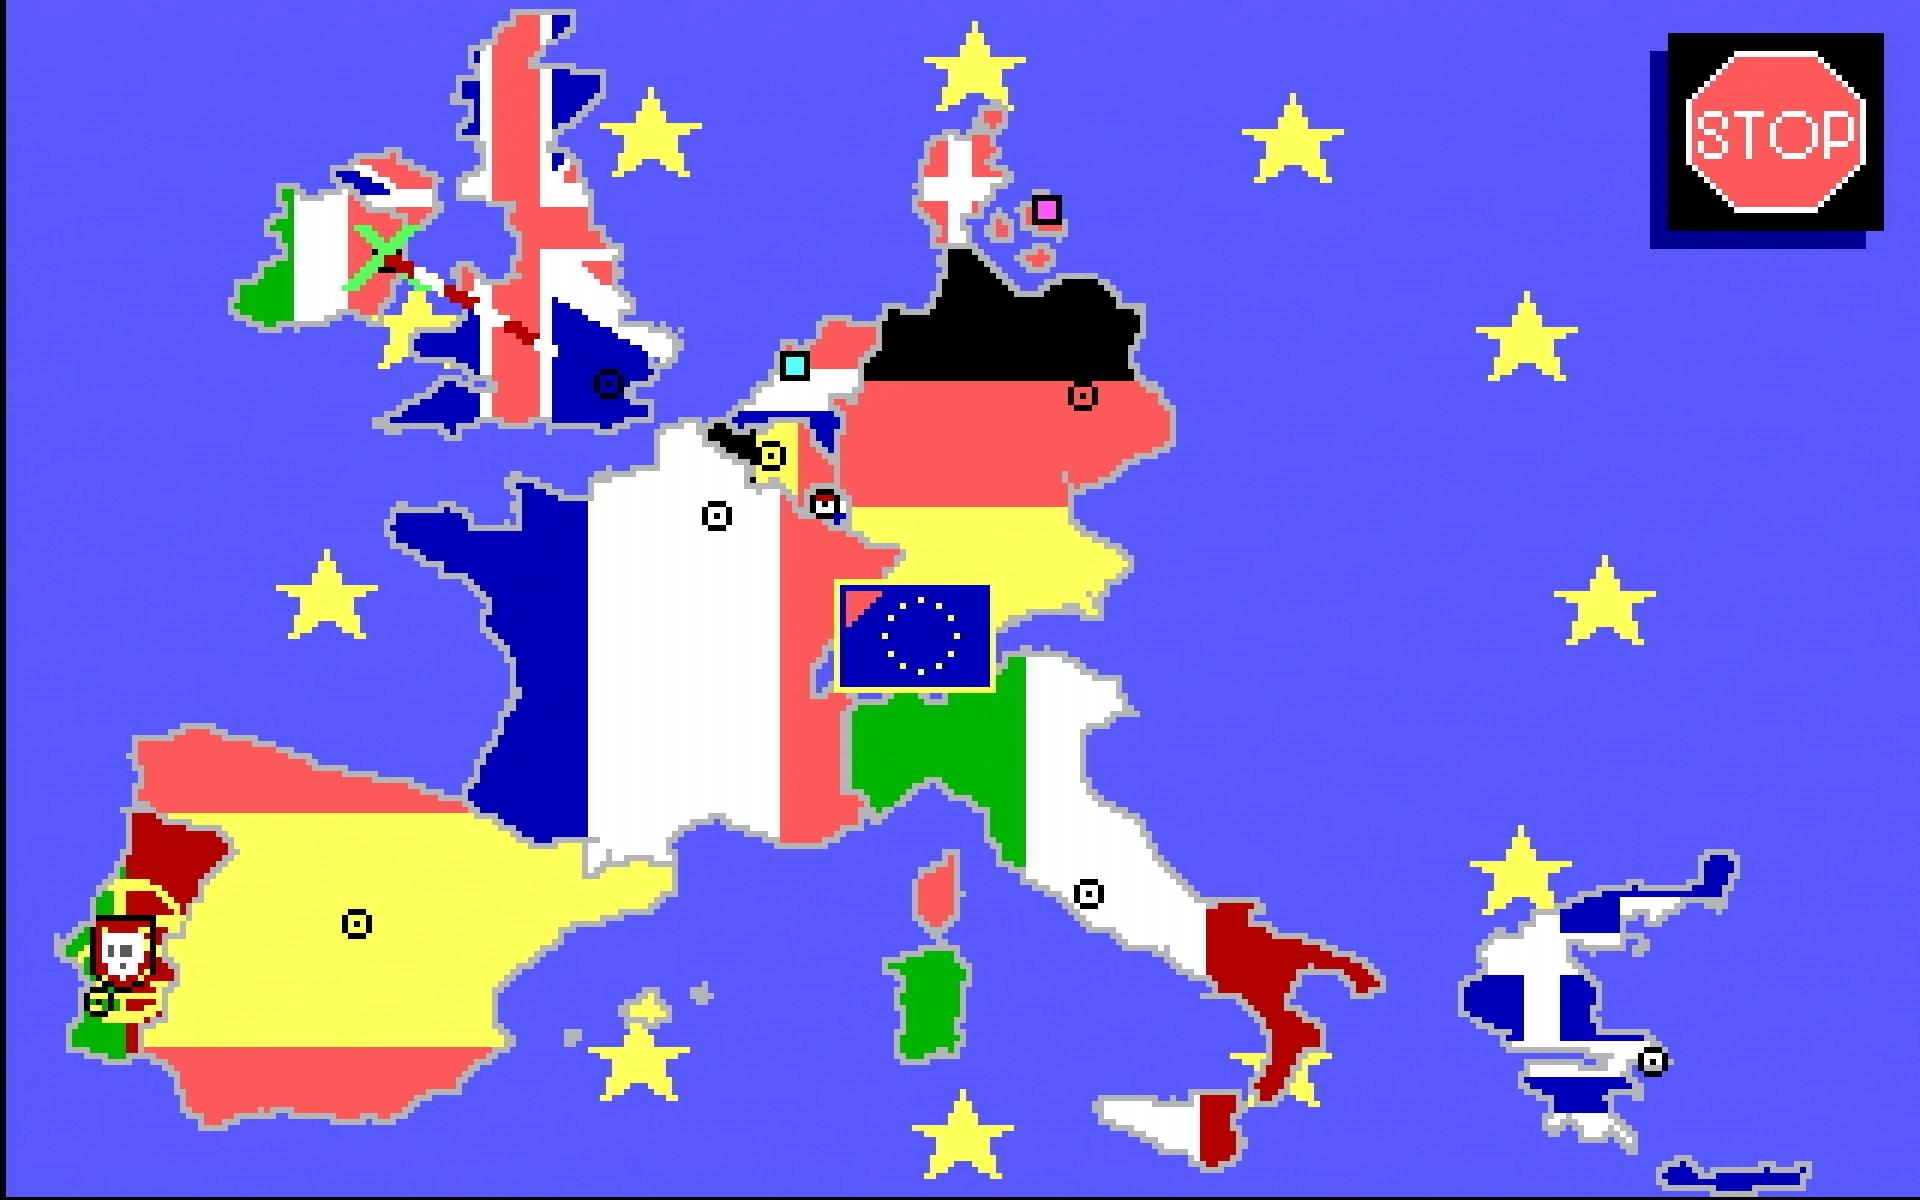 Auf dem Weg nach Europa: Karte